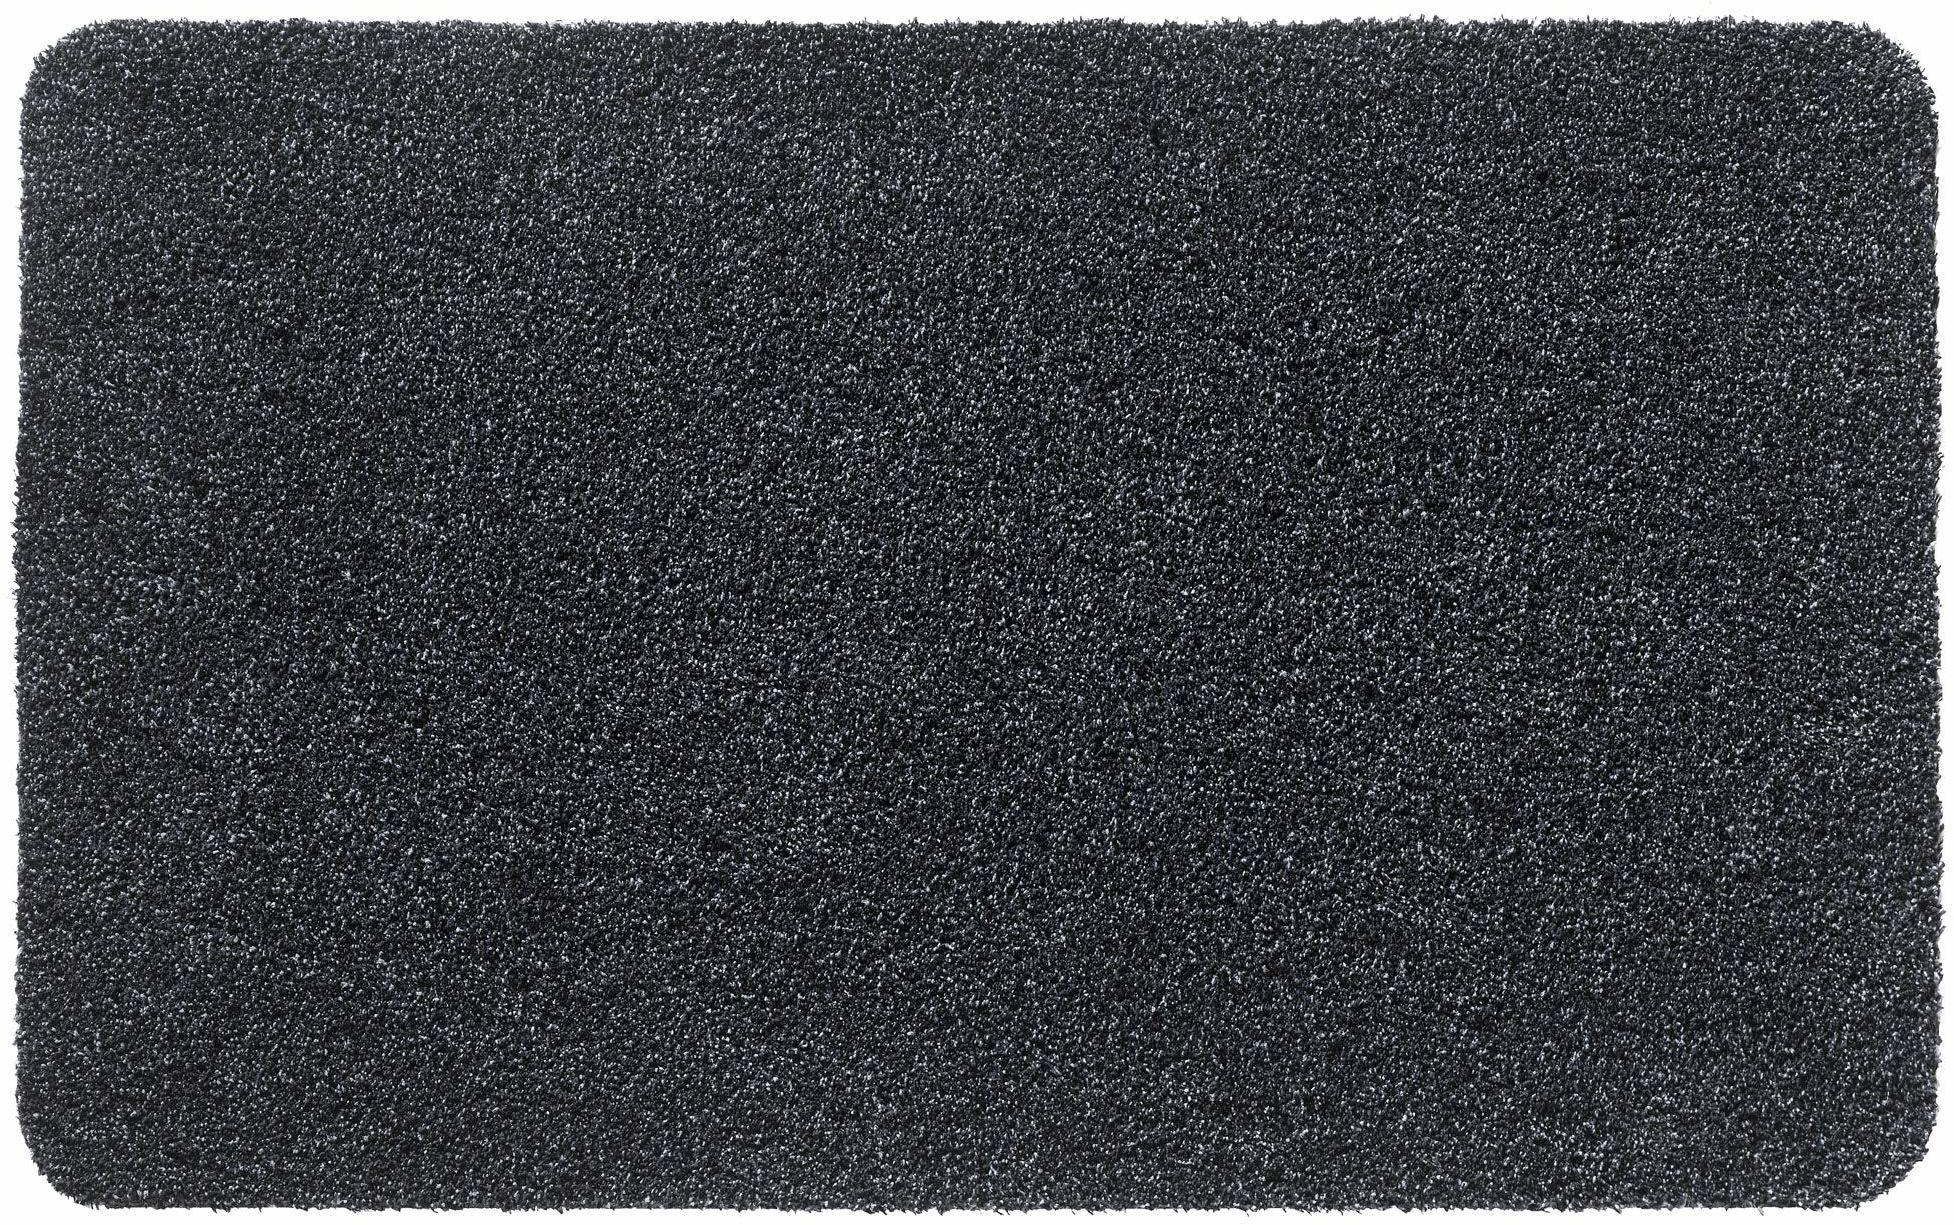 Aqualuxe mata wejściowa do użytku w pomieszczeniach poliester 50 x 80 cm antracyt